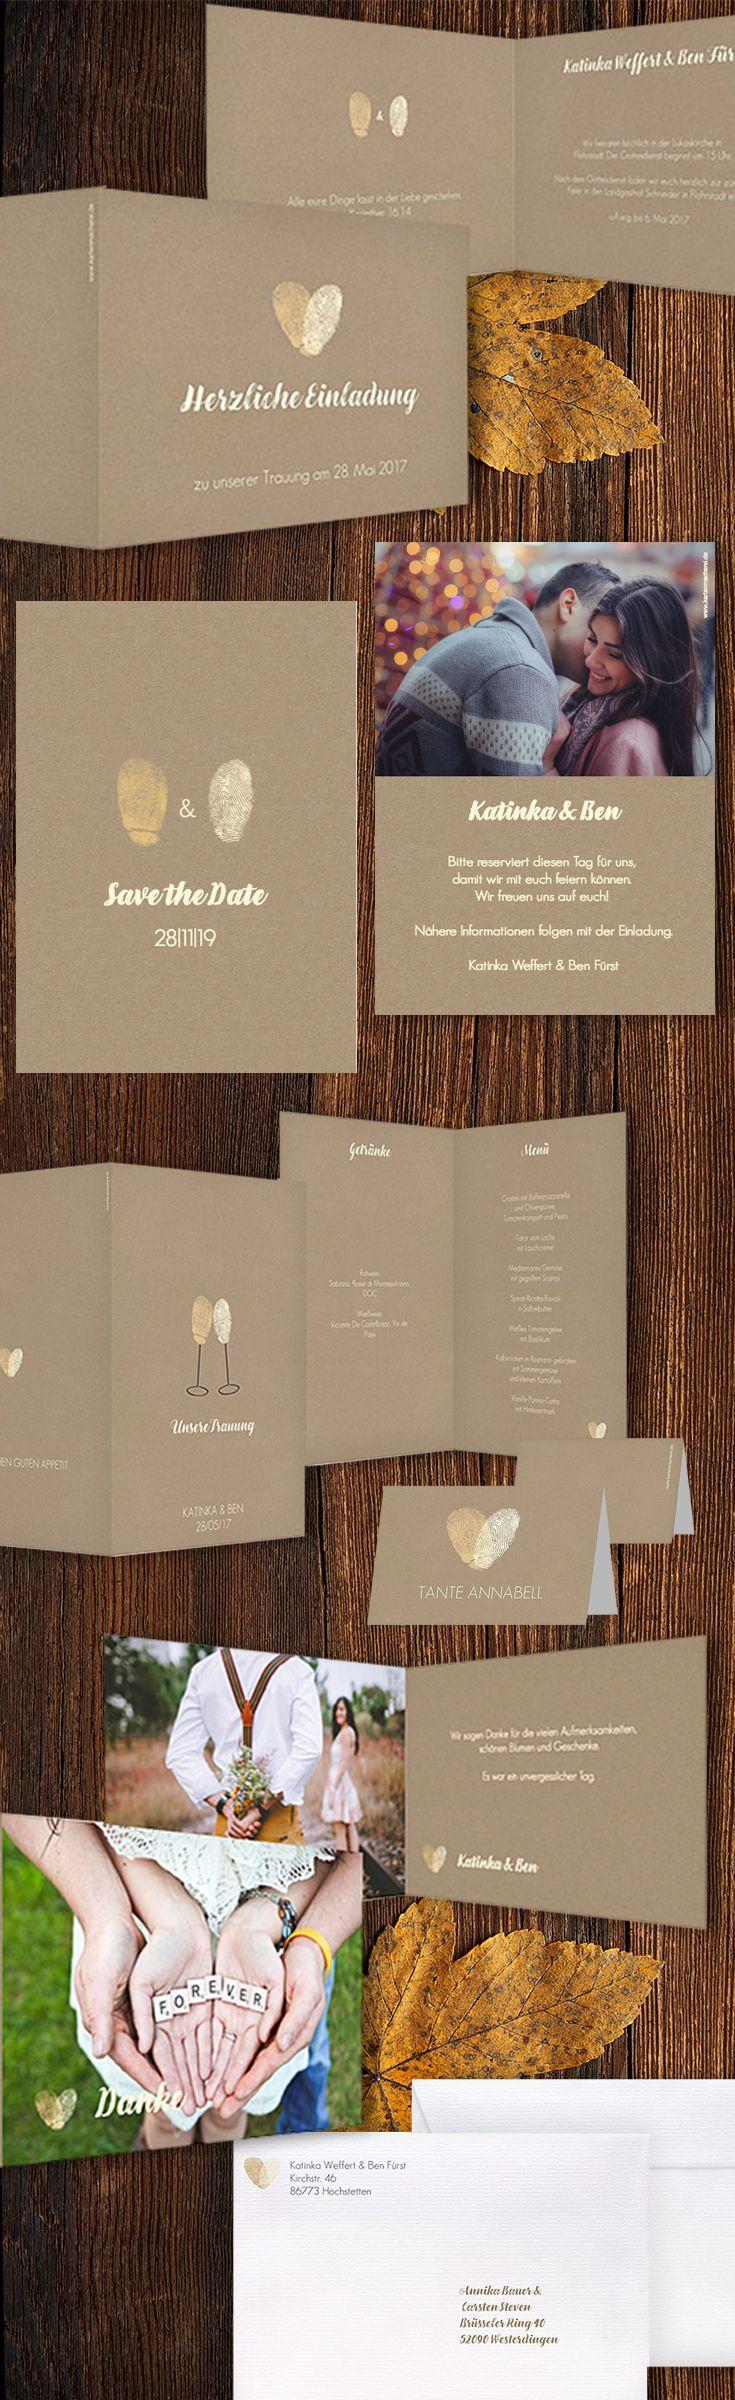 """Unsere Serie """"Fingerprint"""" für euch zum gestalten. Von der Save-the-Date Einladung über Die Dankeskarte für eure Hochzeit, könnt ihr alles selbst gestalten. Gedruckt wird auf hochwertigem Kraftpapier. Naturbelassen und 350g schwer ist das Papier."""